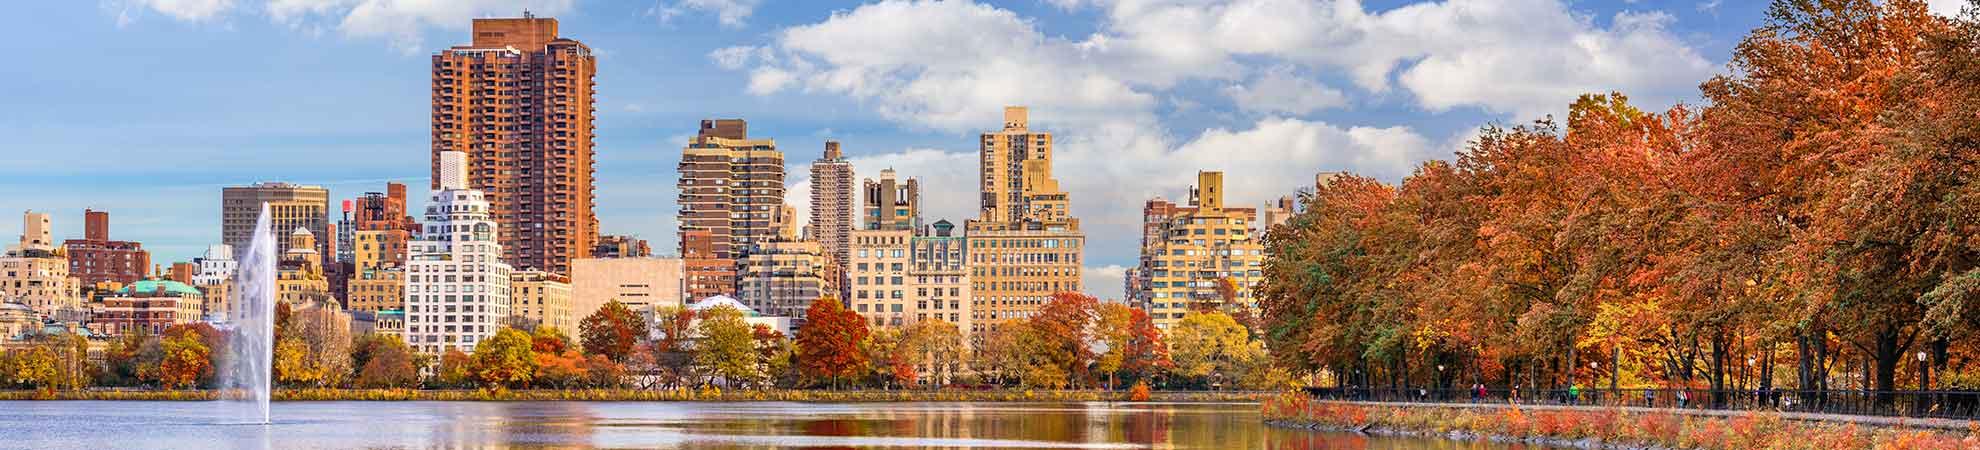 New York tourisme